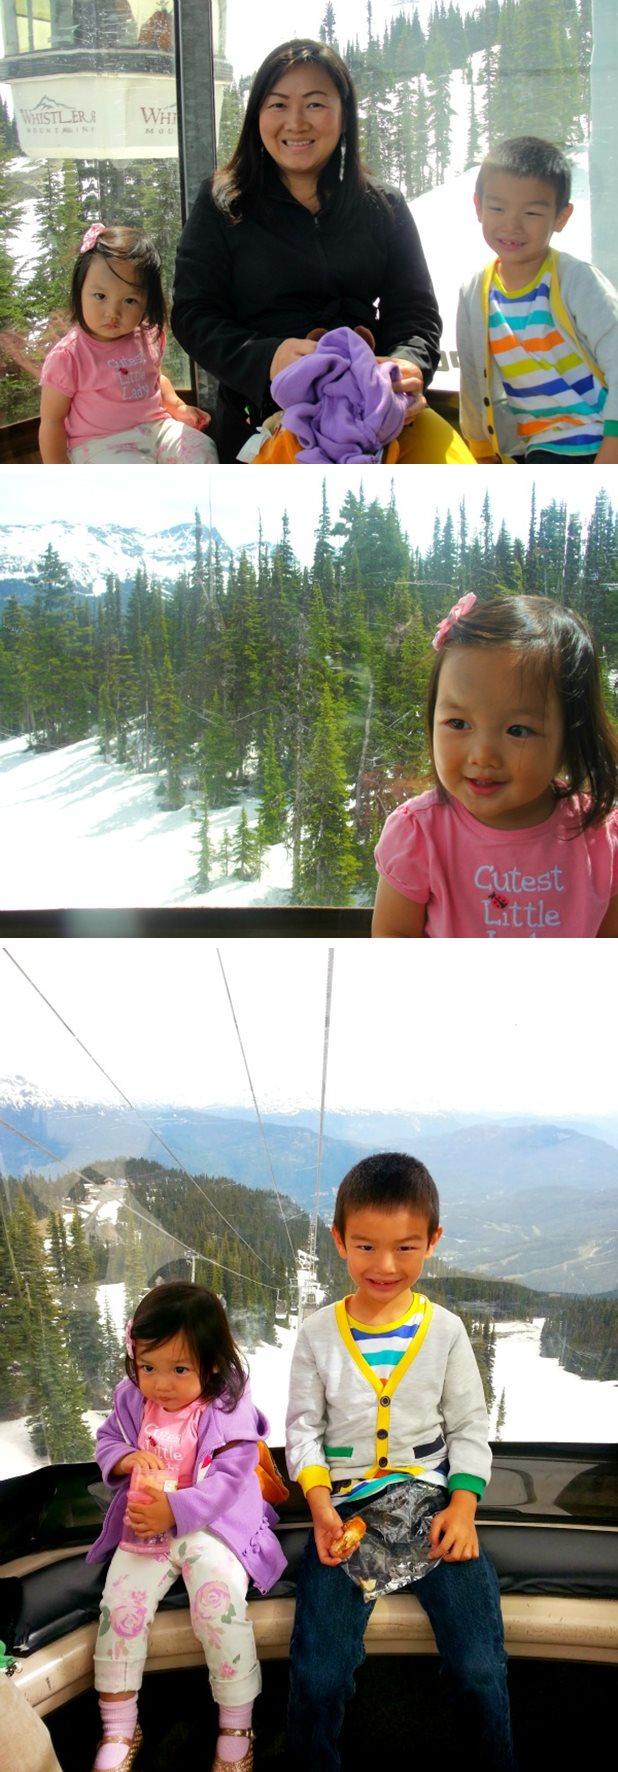 whistler village gondola view